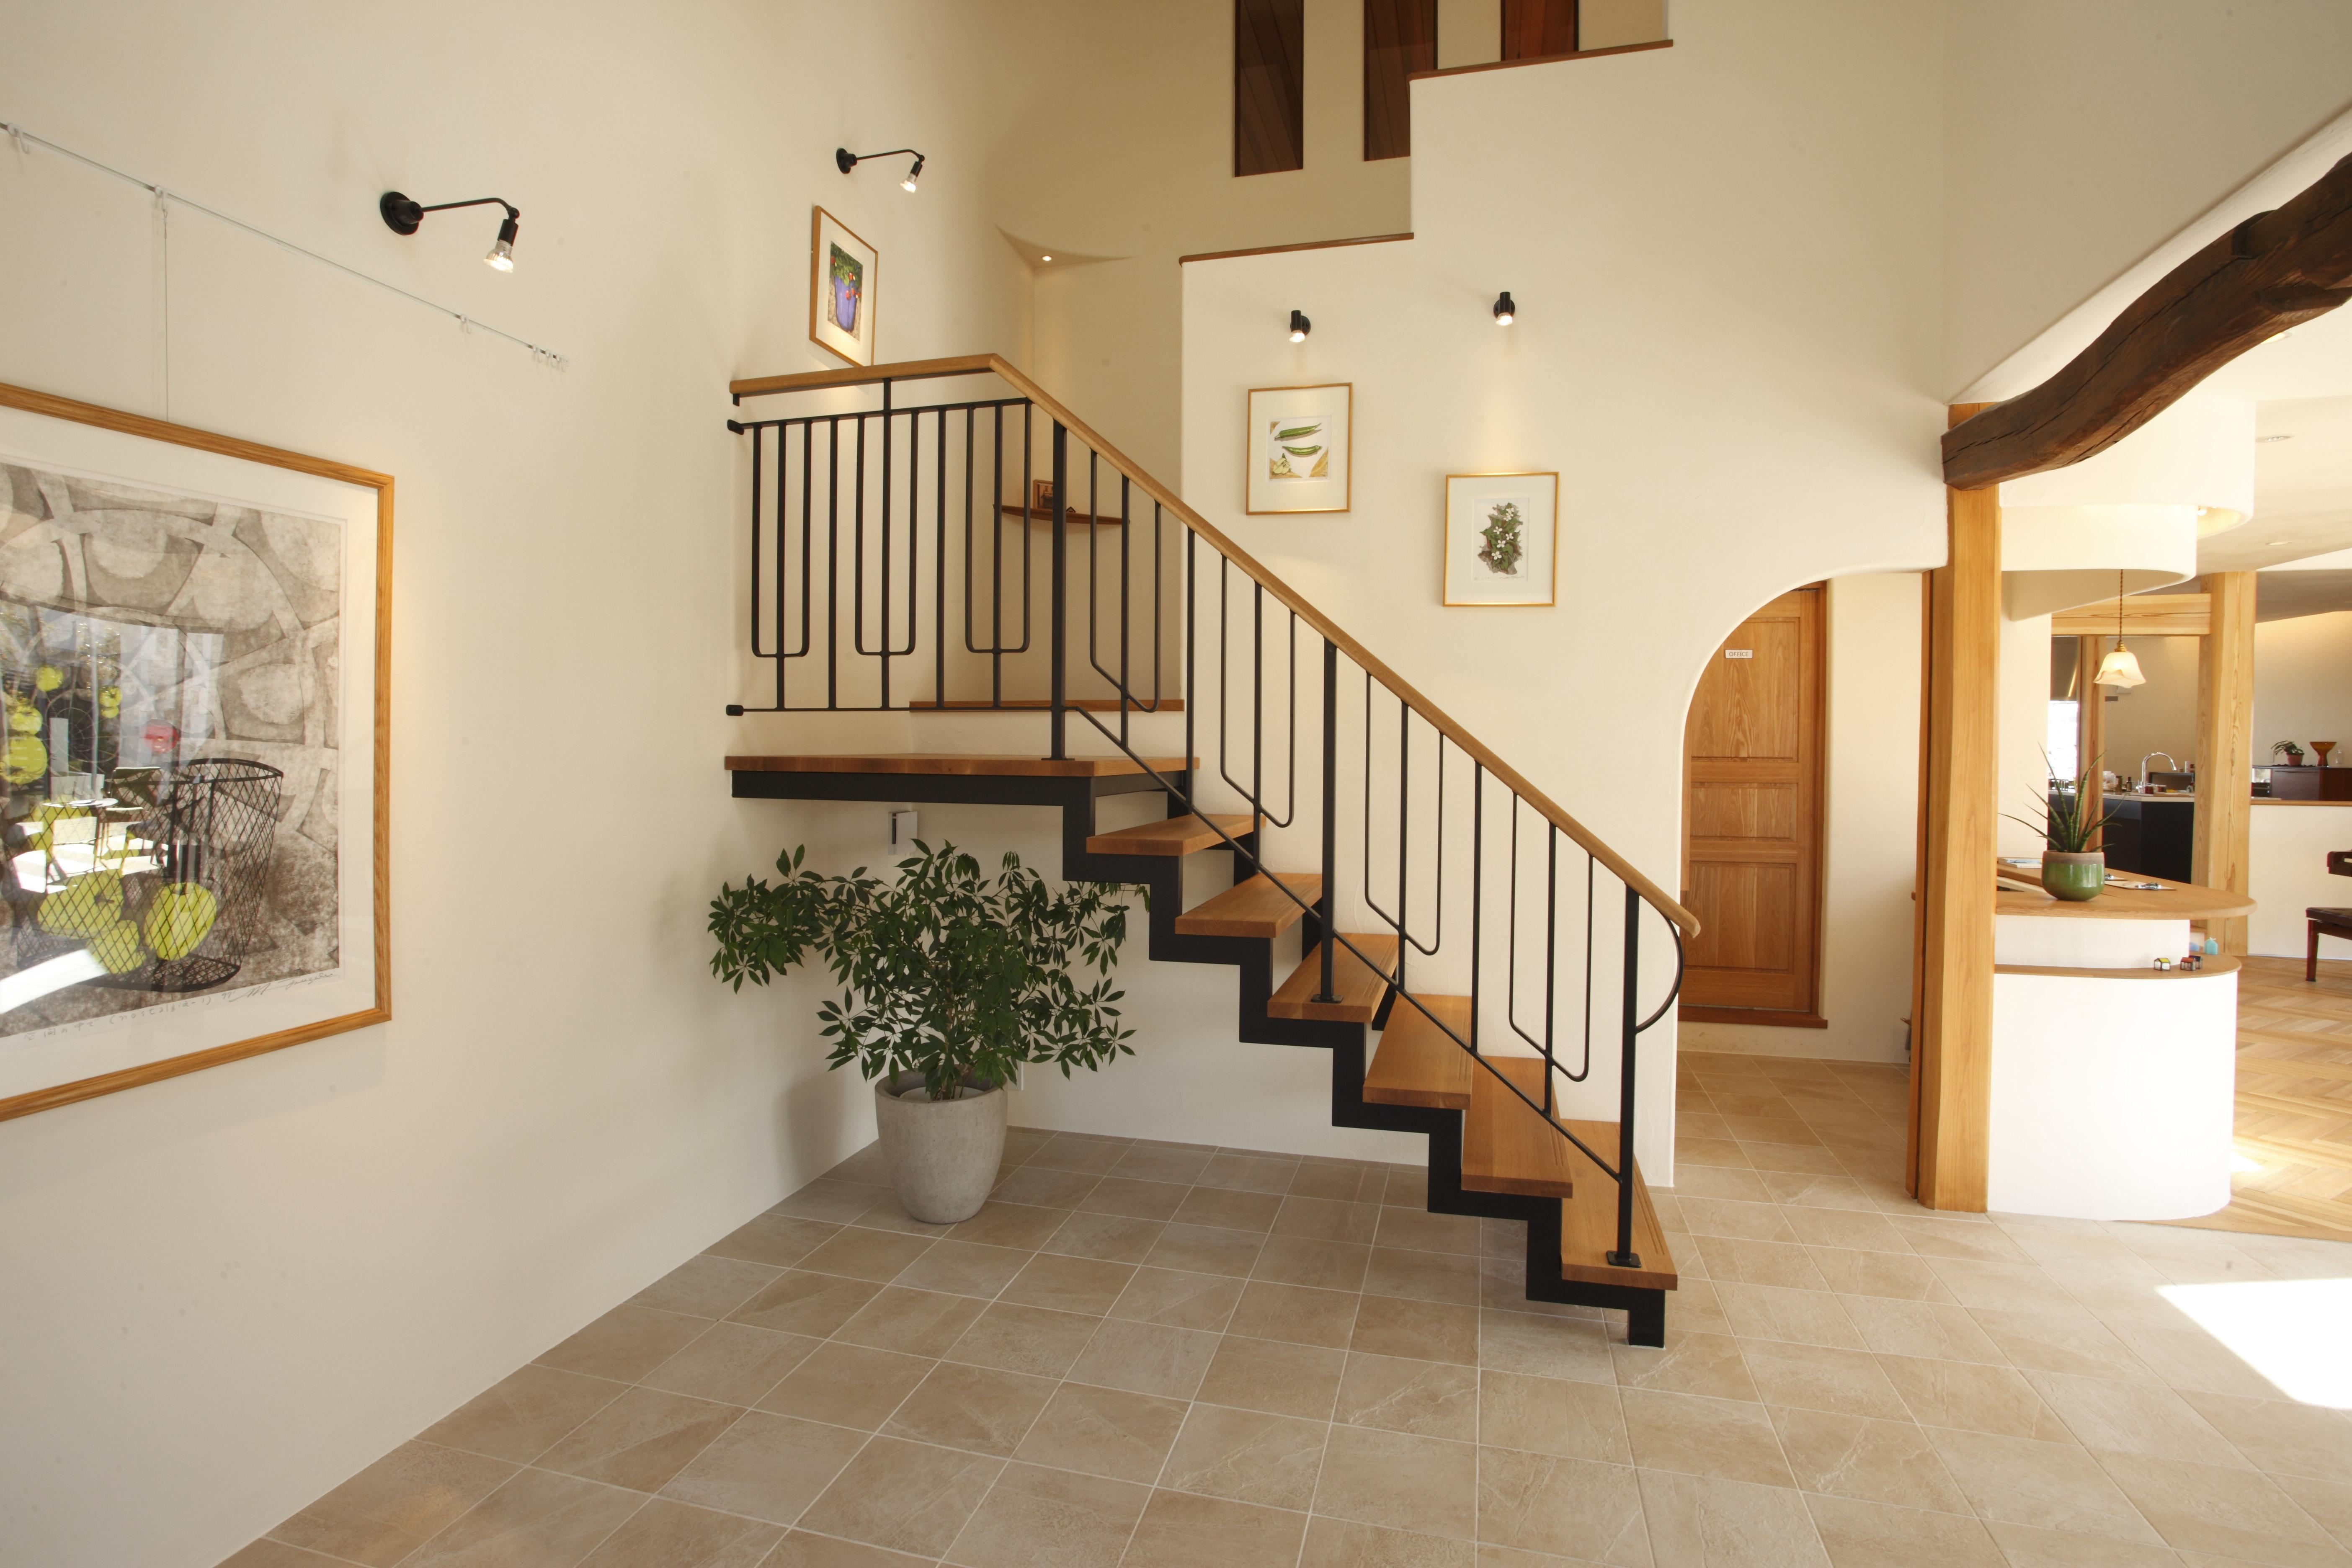 珪藻土の塗り壁にタイルの床、古材やアイアンの組み合わせなど、様々な素材のブレンドが味わえる空間。